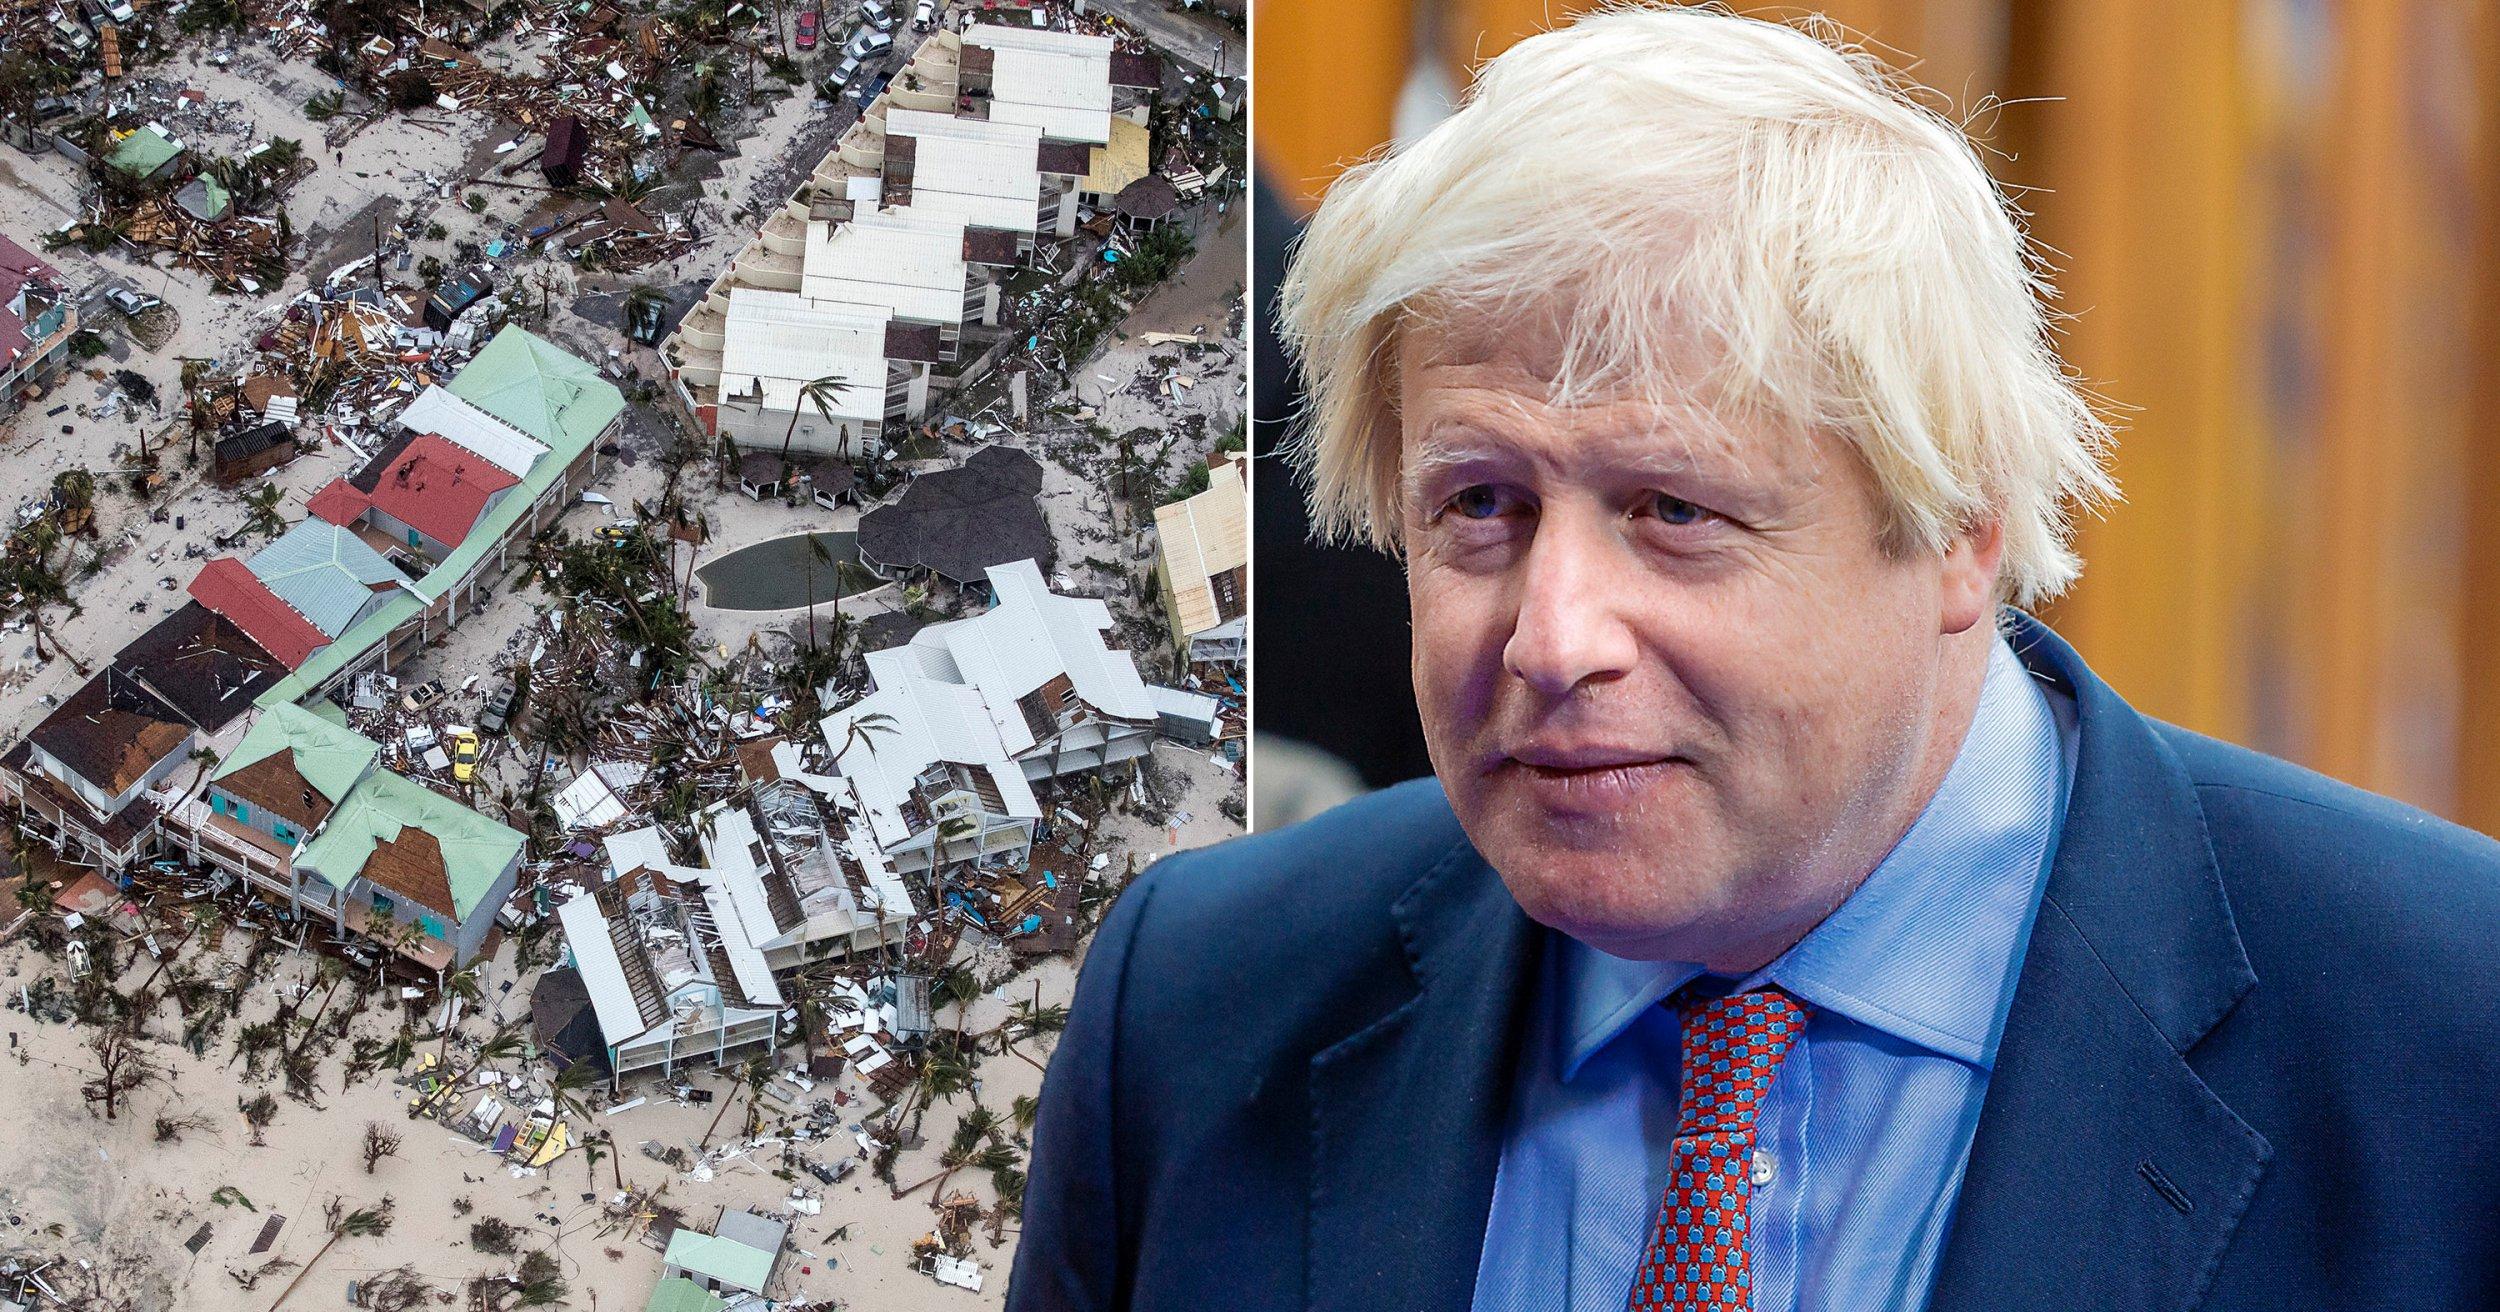 Boris Johnson defends UK's 'pitiful' response to Hurricane Irma